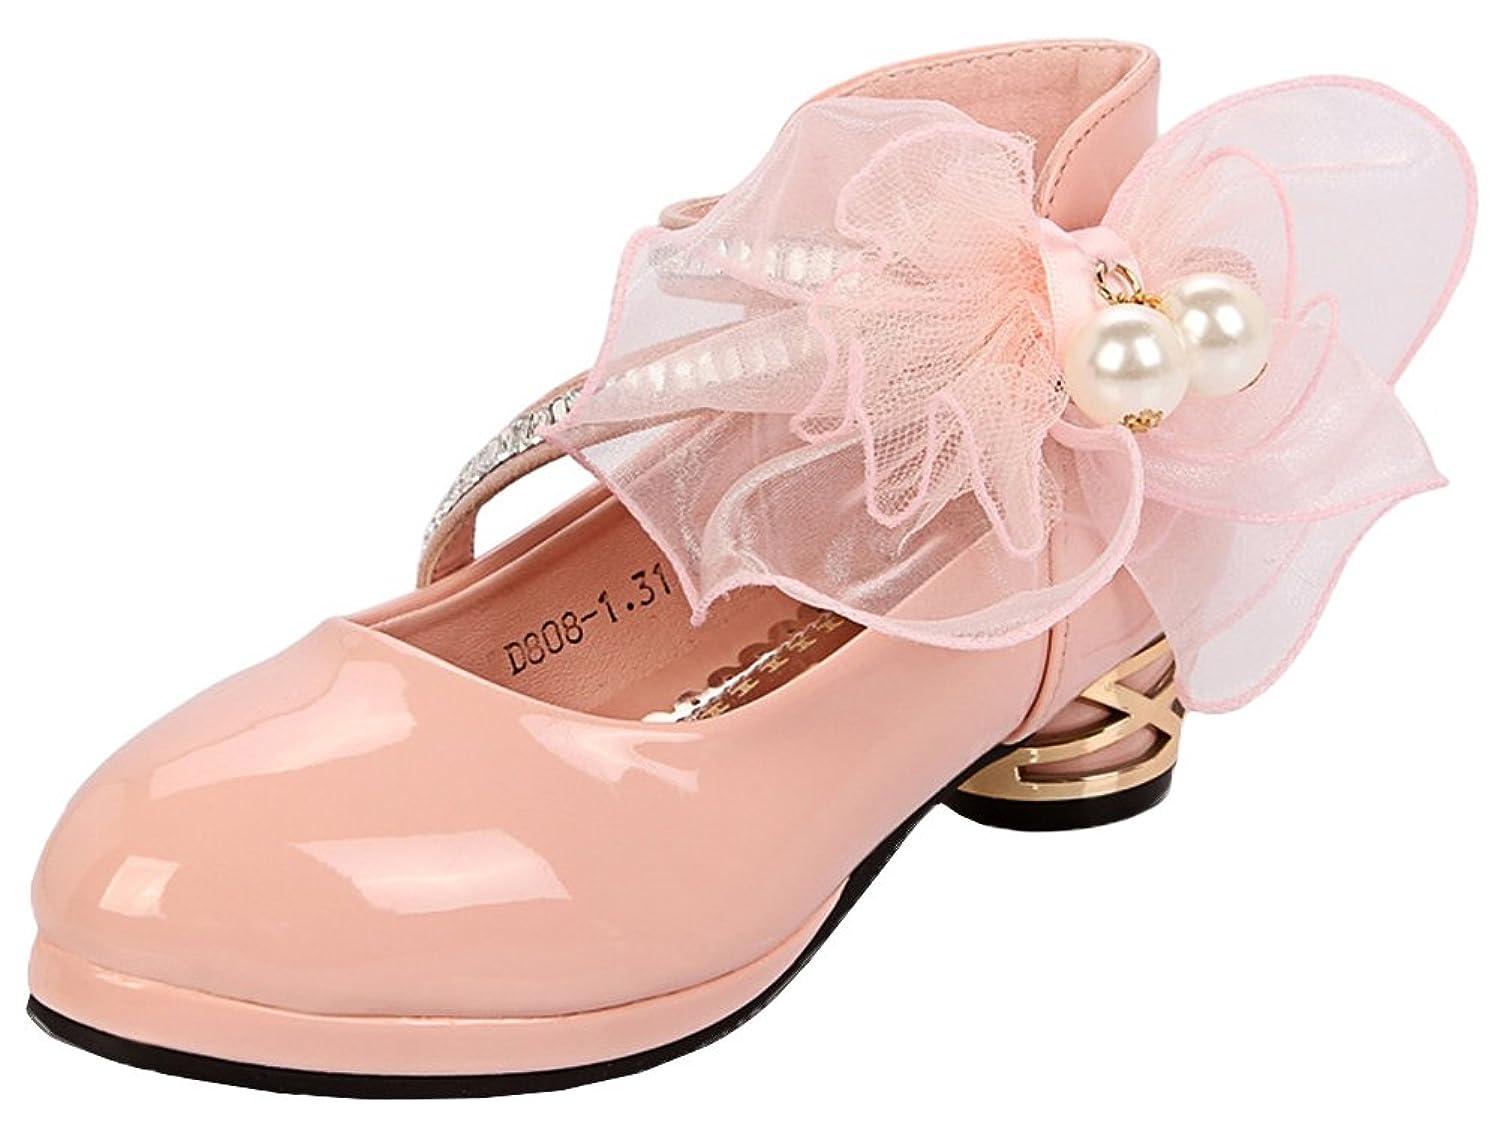 [Snone] 子供靴 キッズフォーマル靴 花飾り 女の子用 フォーマル プリンセスシューズ サンダル ドレス靴